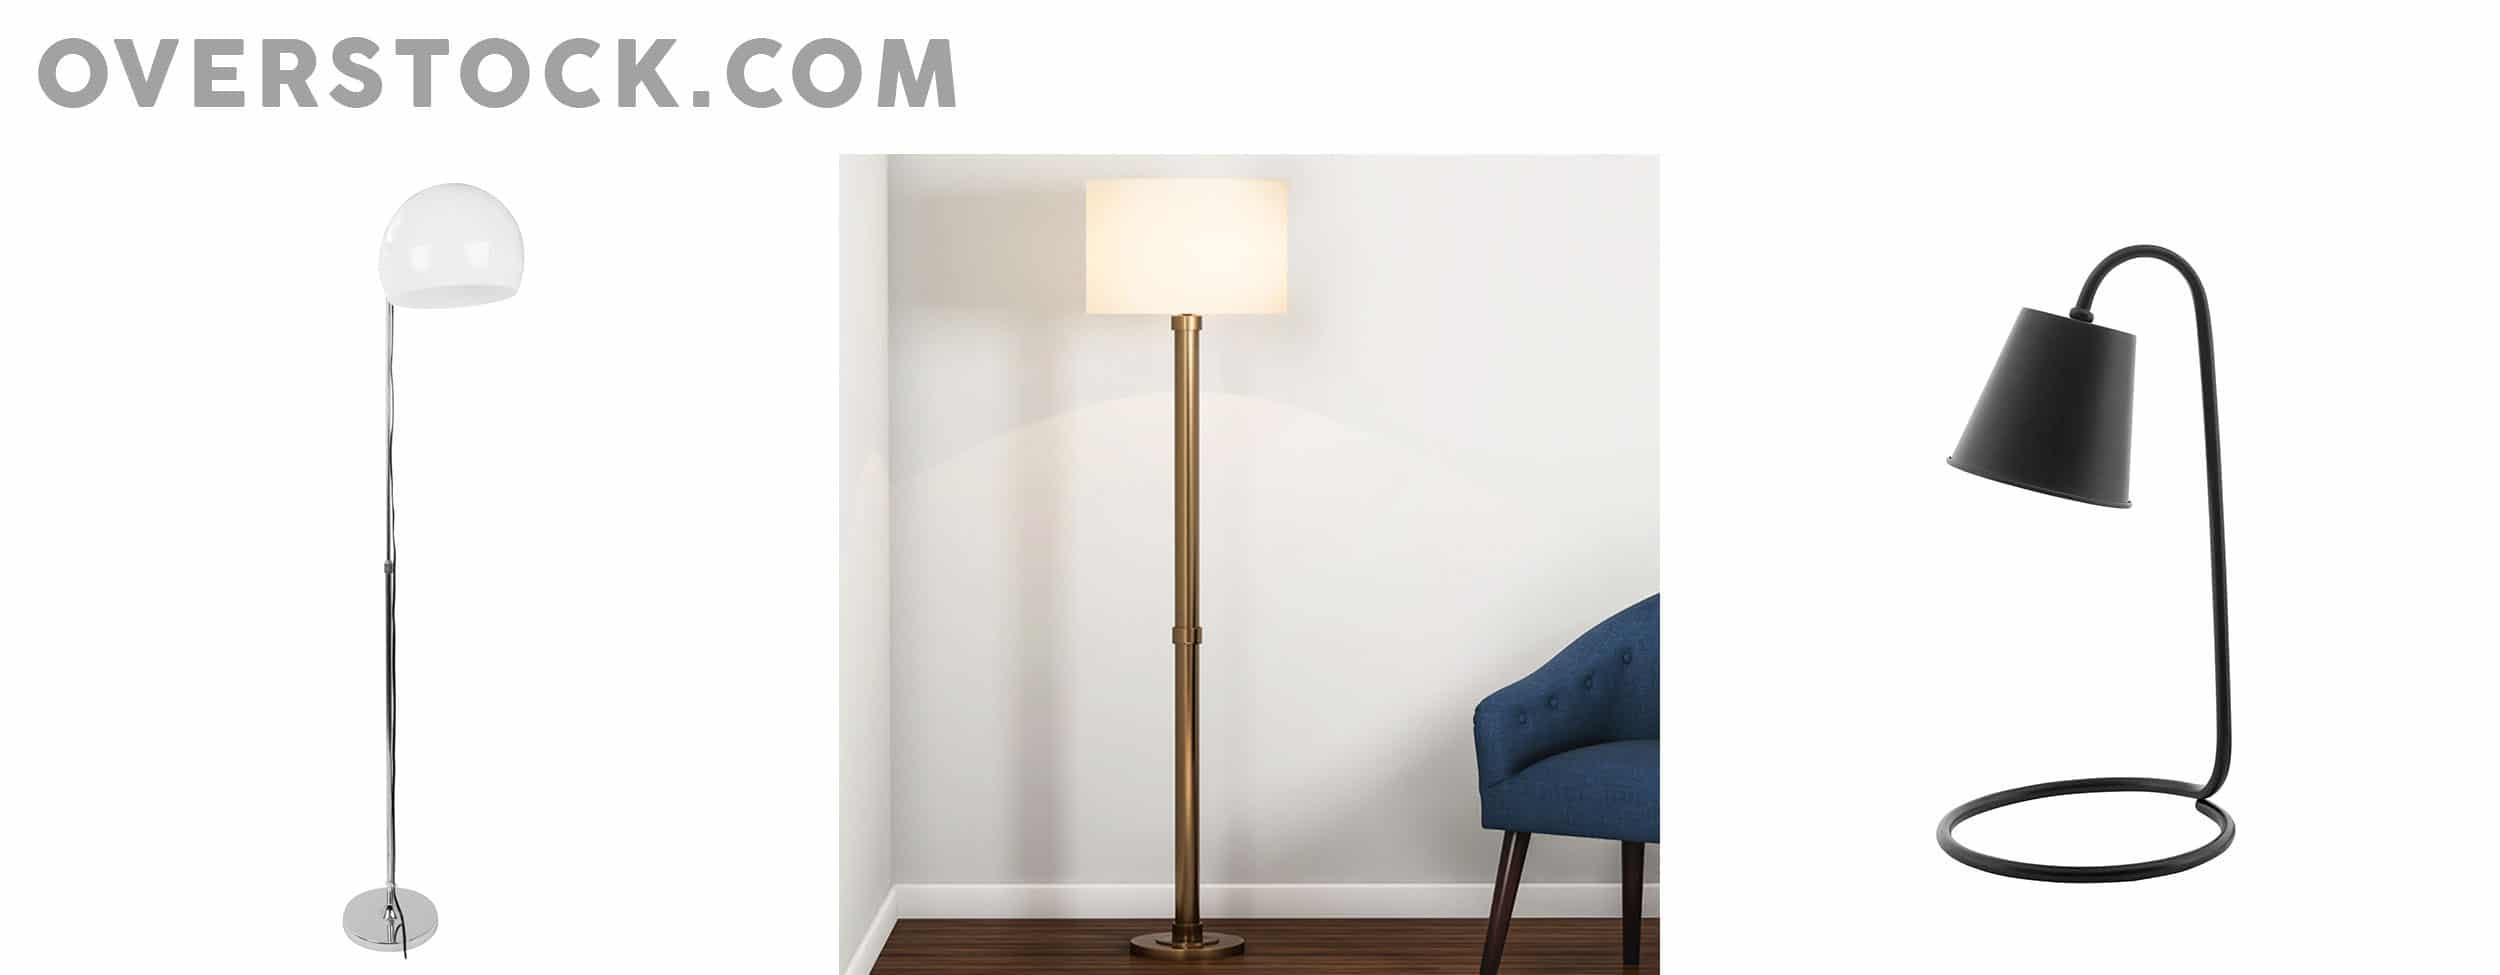 Emily Henderson affordable living room lighting_14